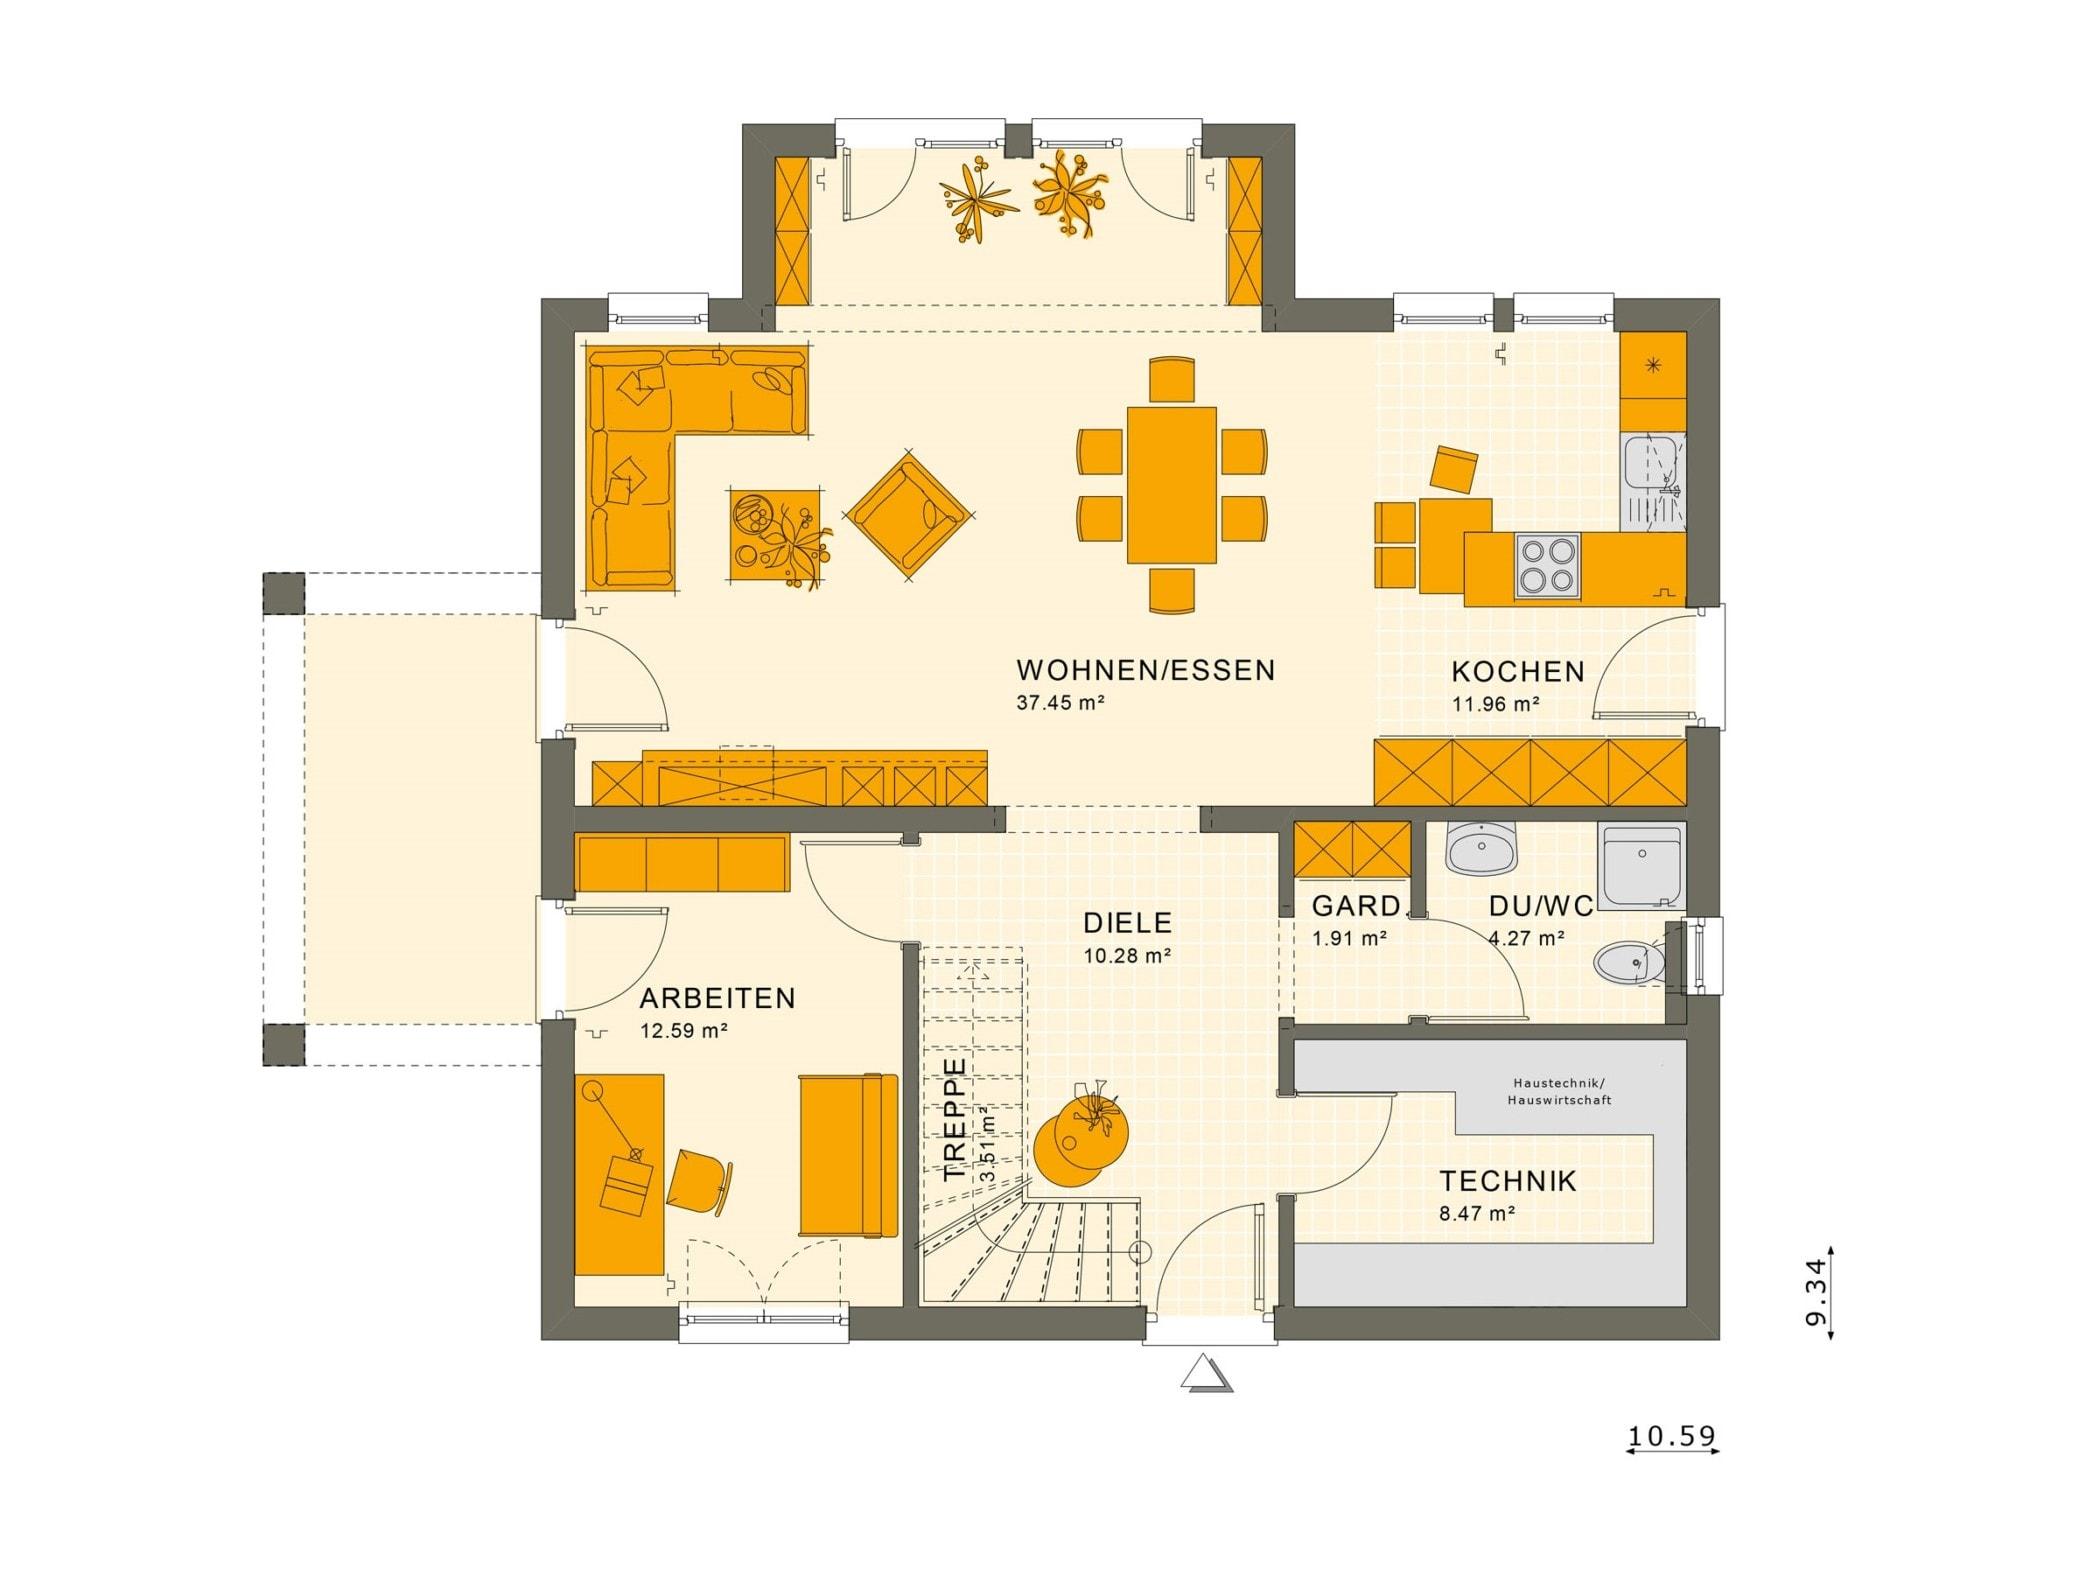 Einfamilienhaus Grundriss Erdgeschoss mit Arbeitszimmer & Erker, 5 Zimmer, 165 qm - Fertighaus SUNSHINE 165 V5 von Living Haus - HausbauDirekt.de